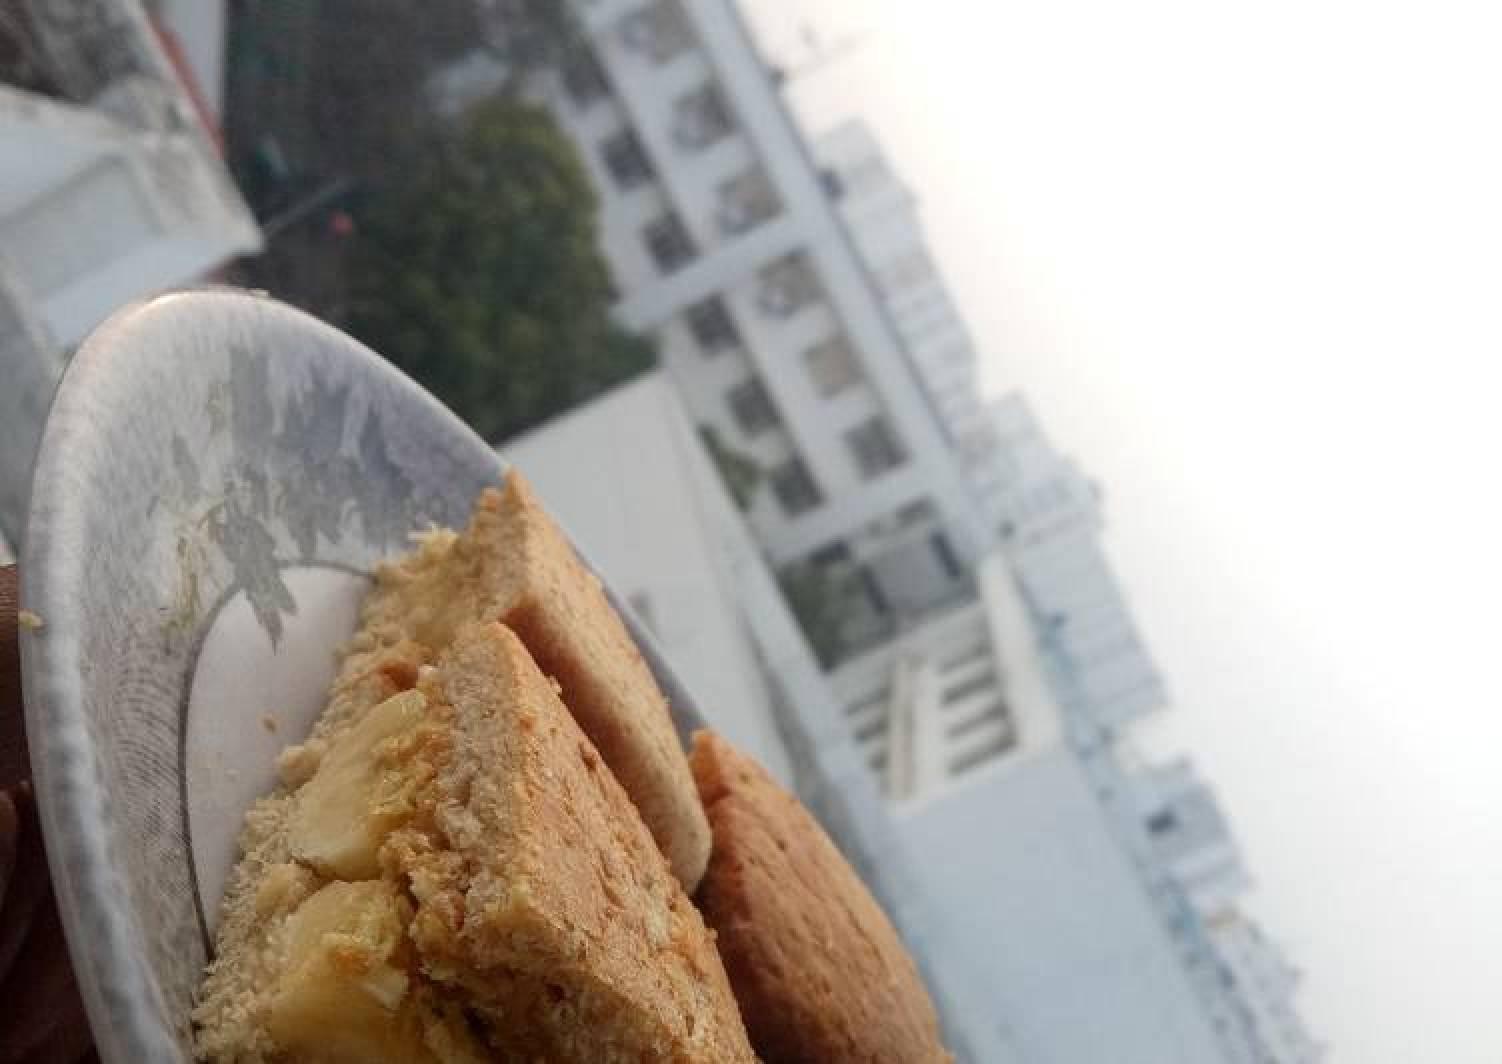 Protien sandwich